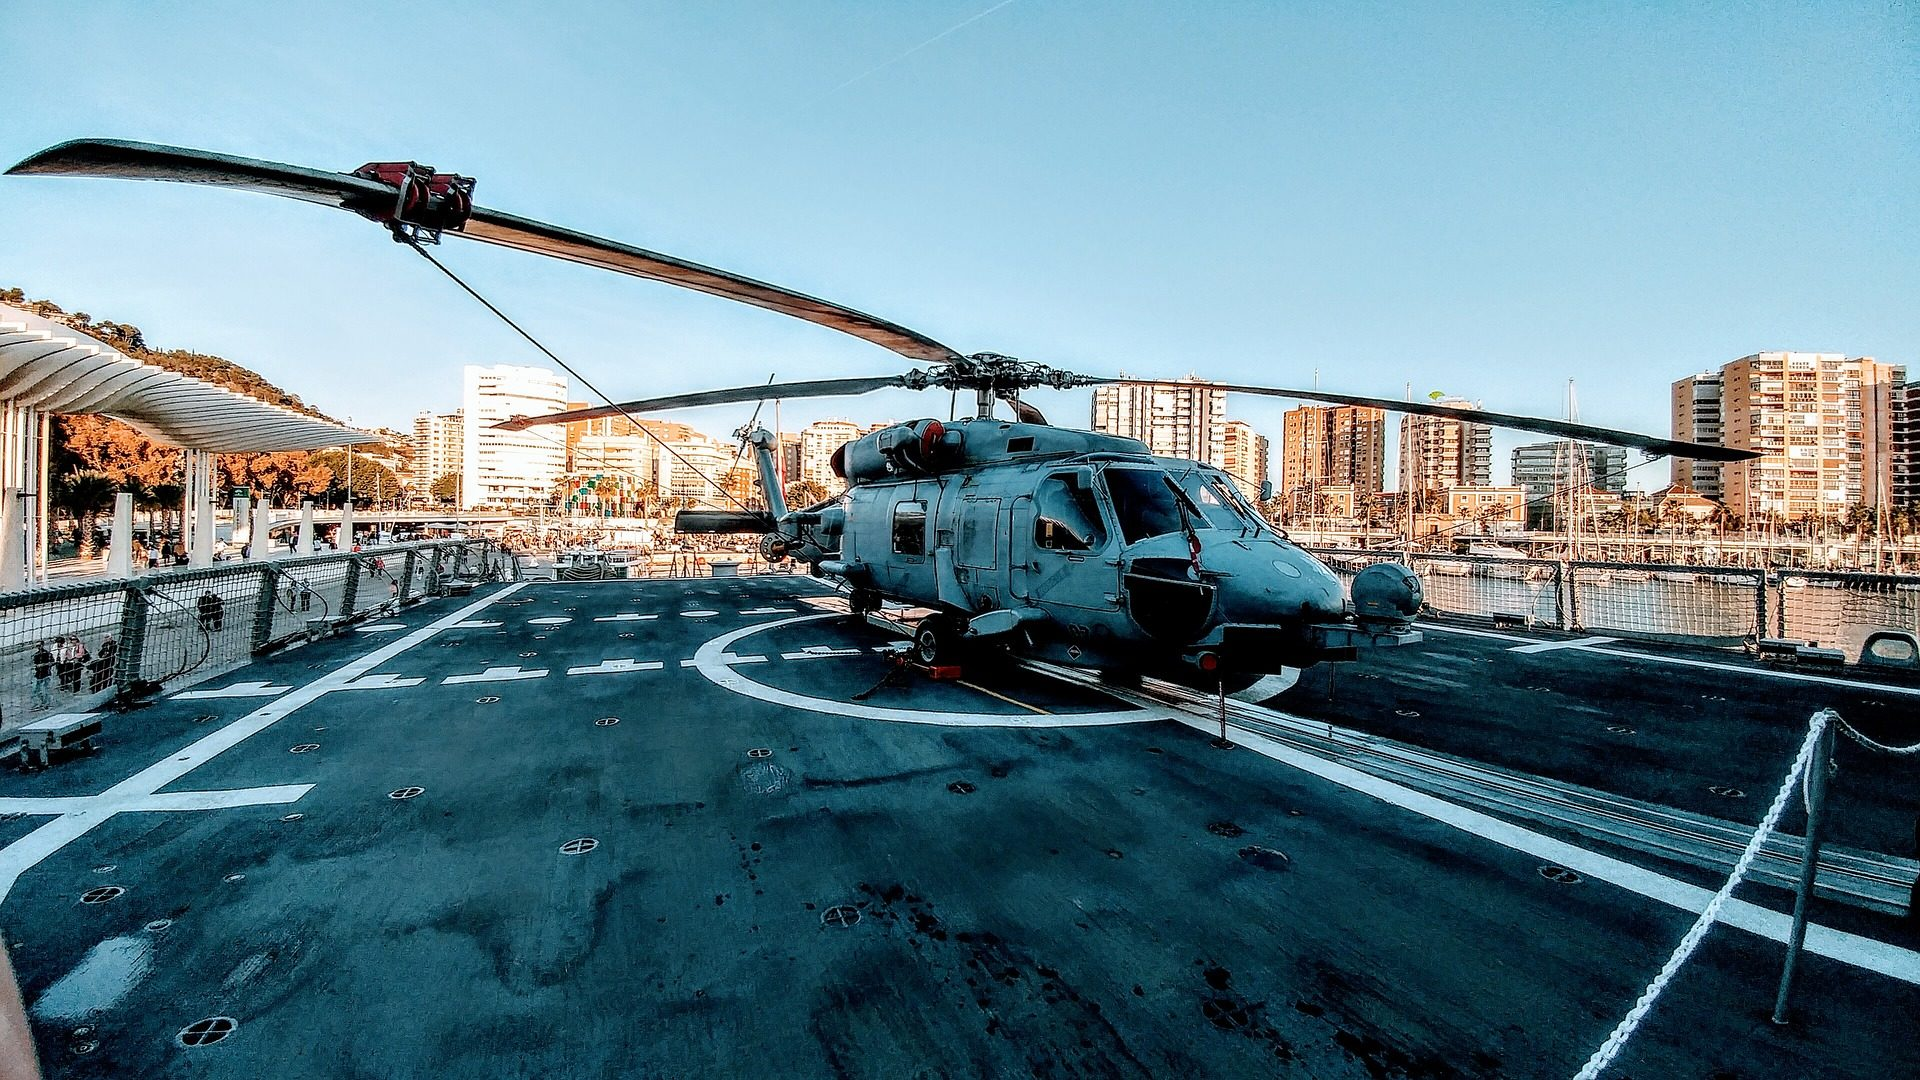 вертолет, военные, SH-60b, Сихок, трек, рейс - Обои HD - Профессор falken.com